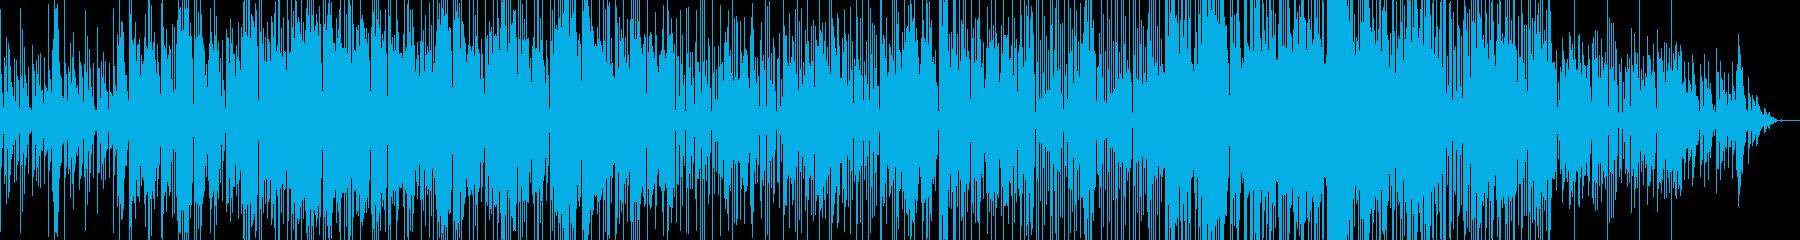 尺八(Wa & Electronic)の再生済みの波形